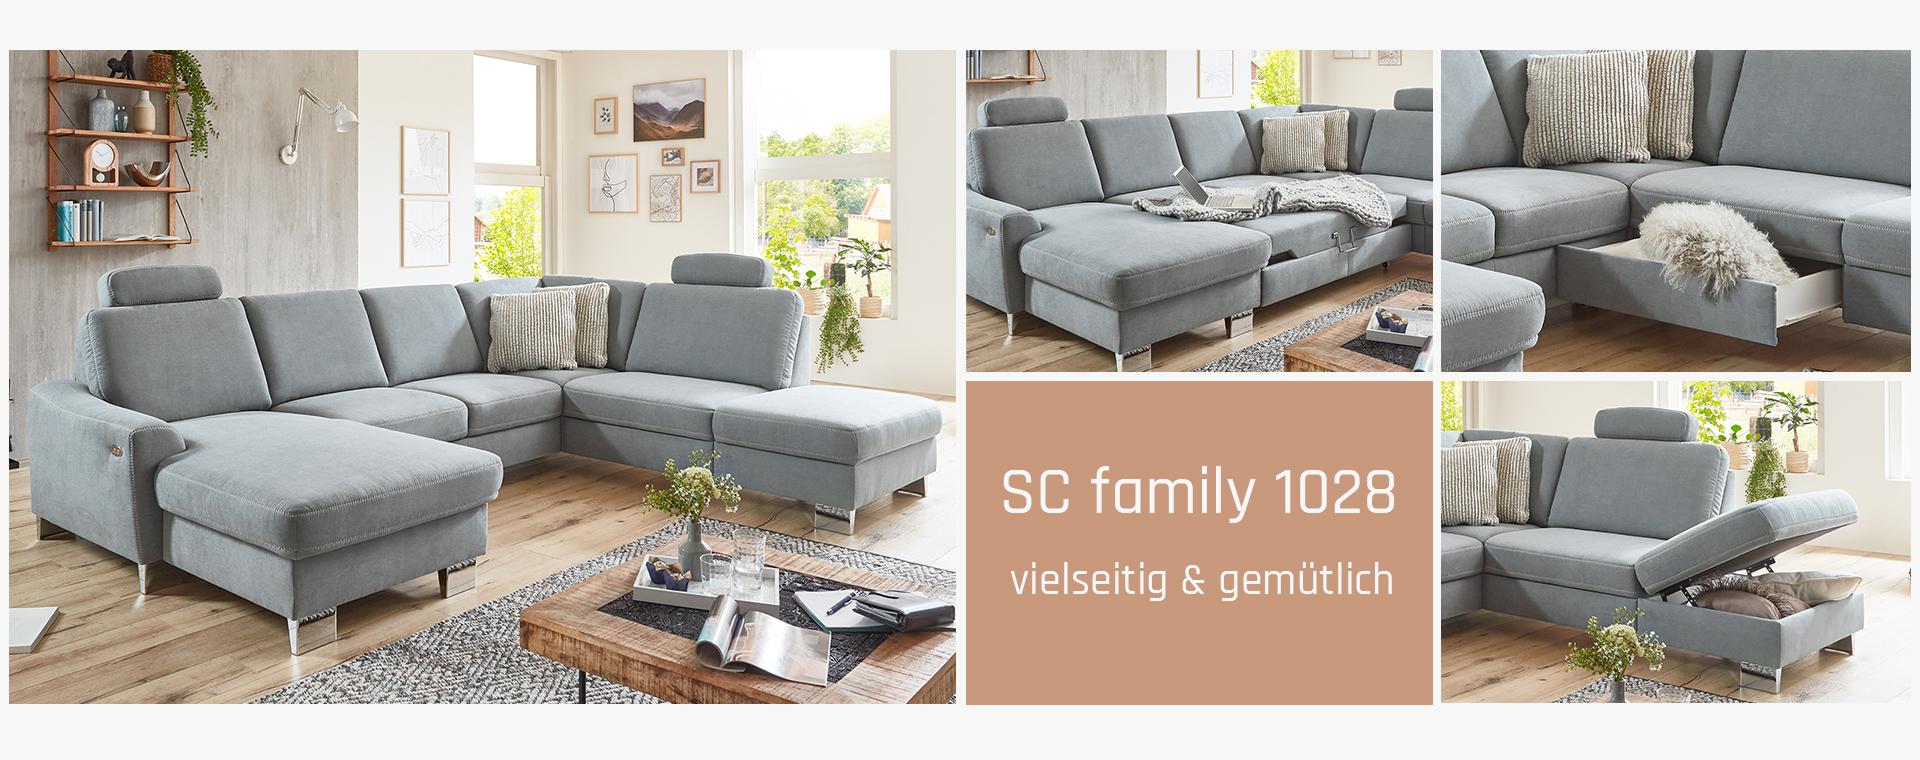 Modellvorlage_Konfigurator_SC_family_1028